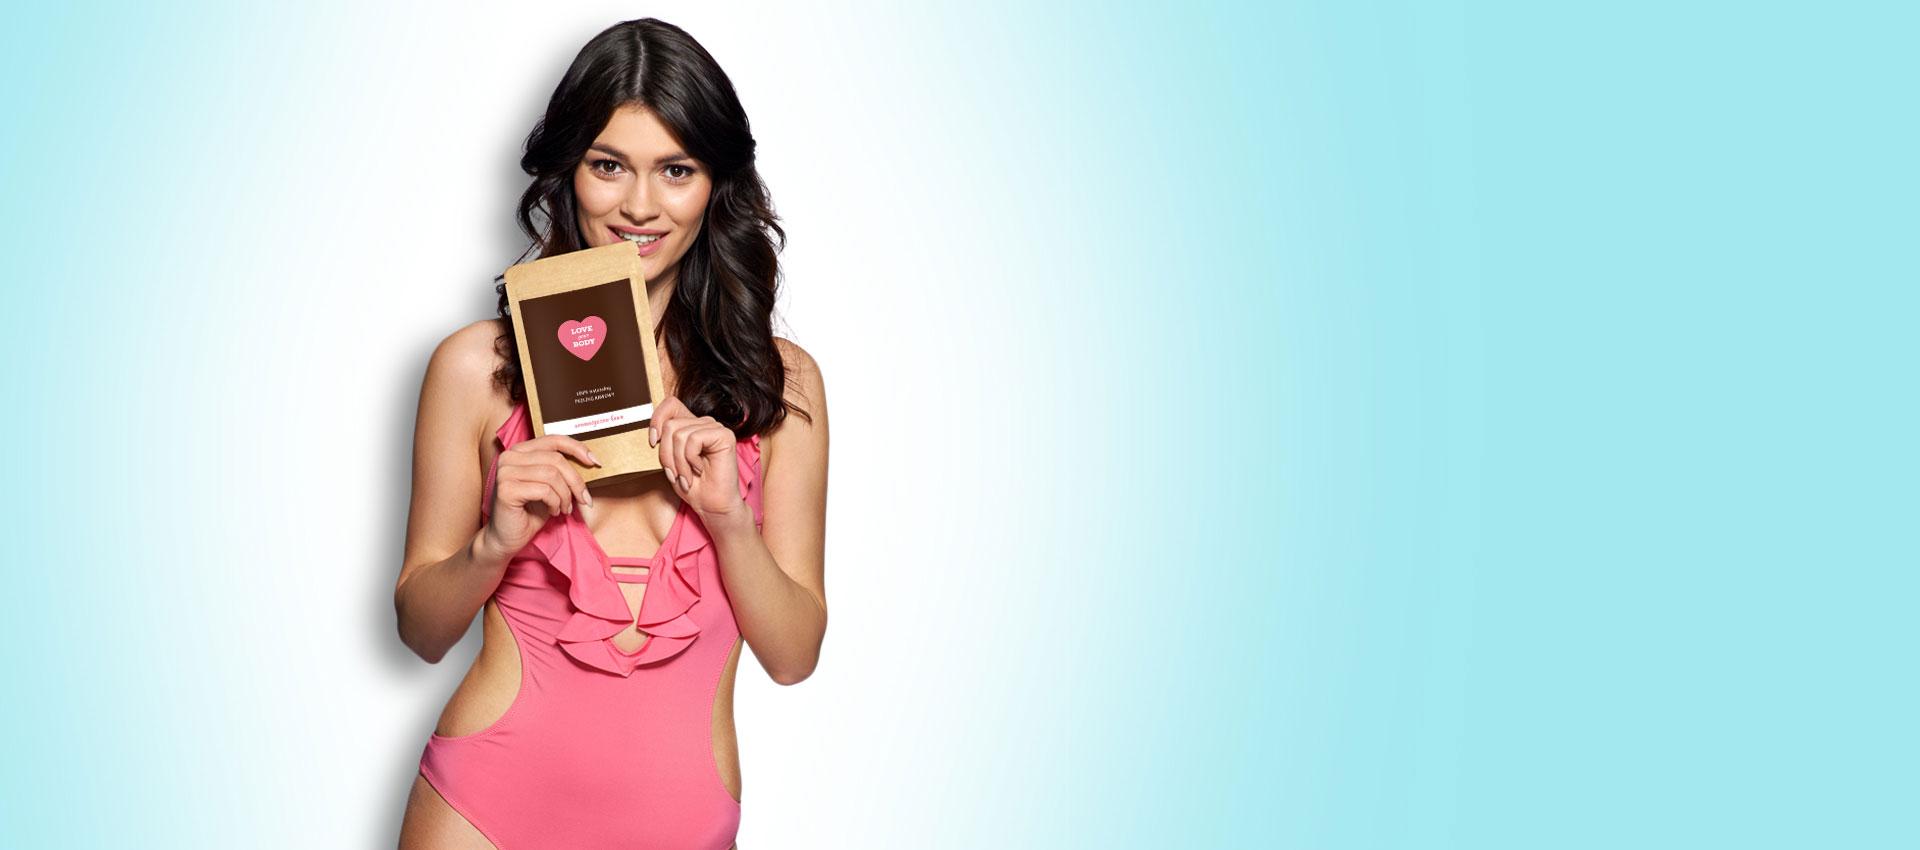 Sesja zdjęciowa reklamowa dl love Your Body